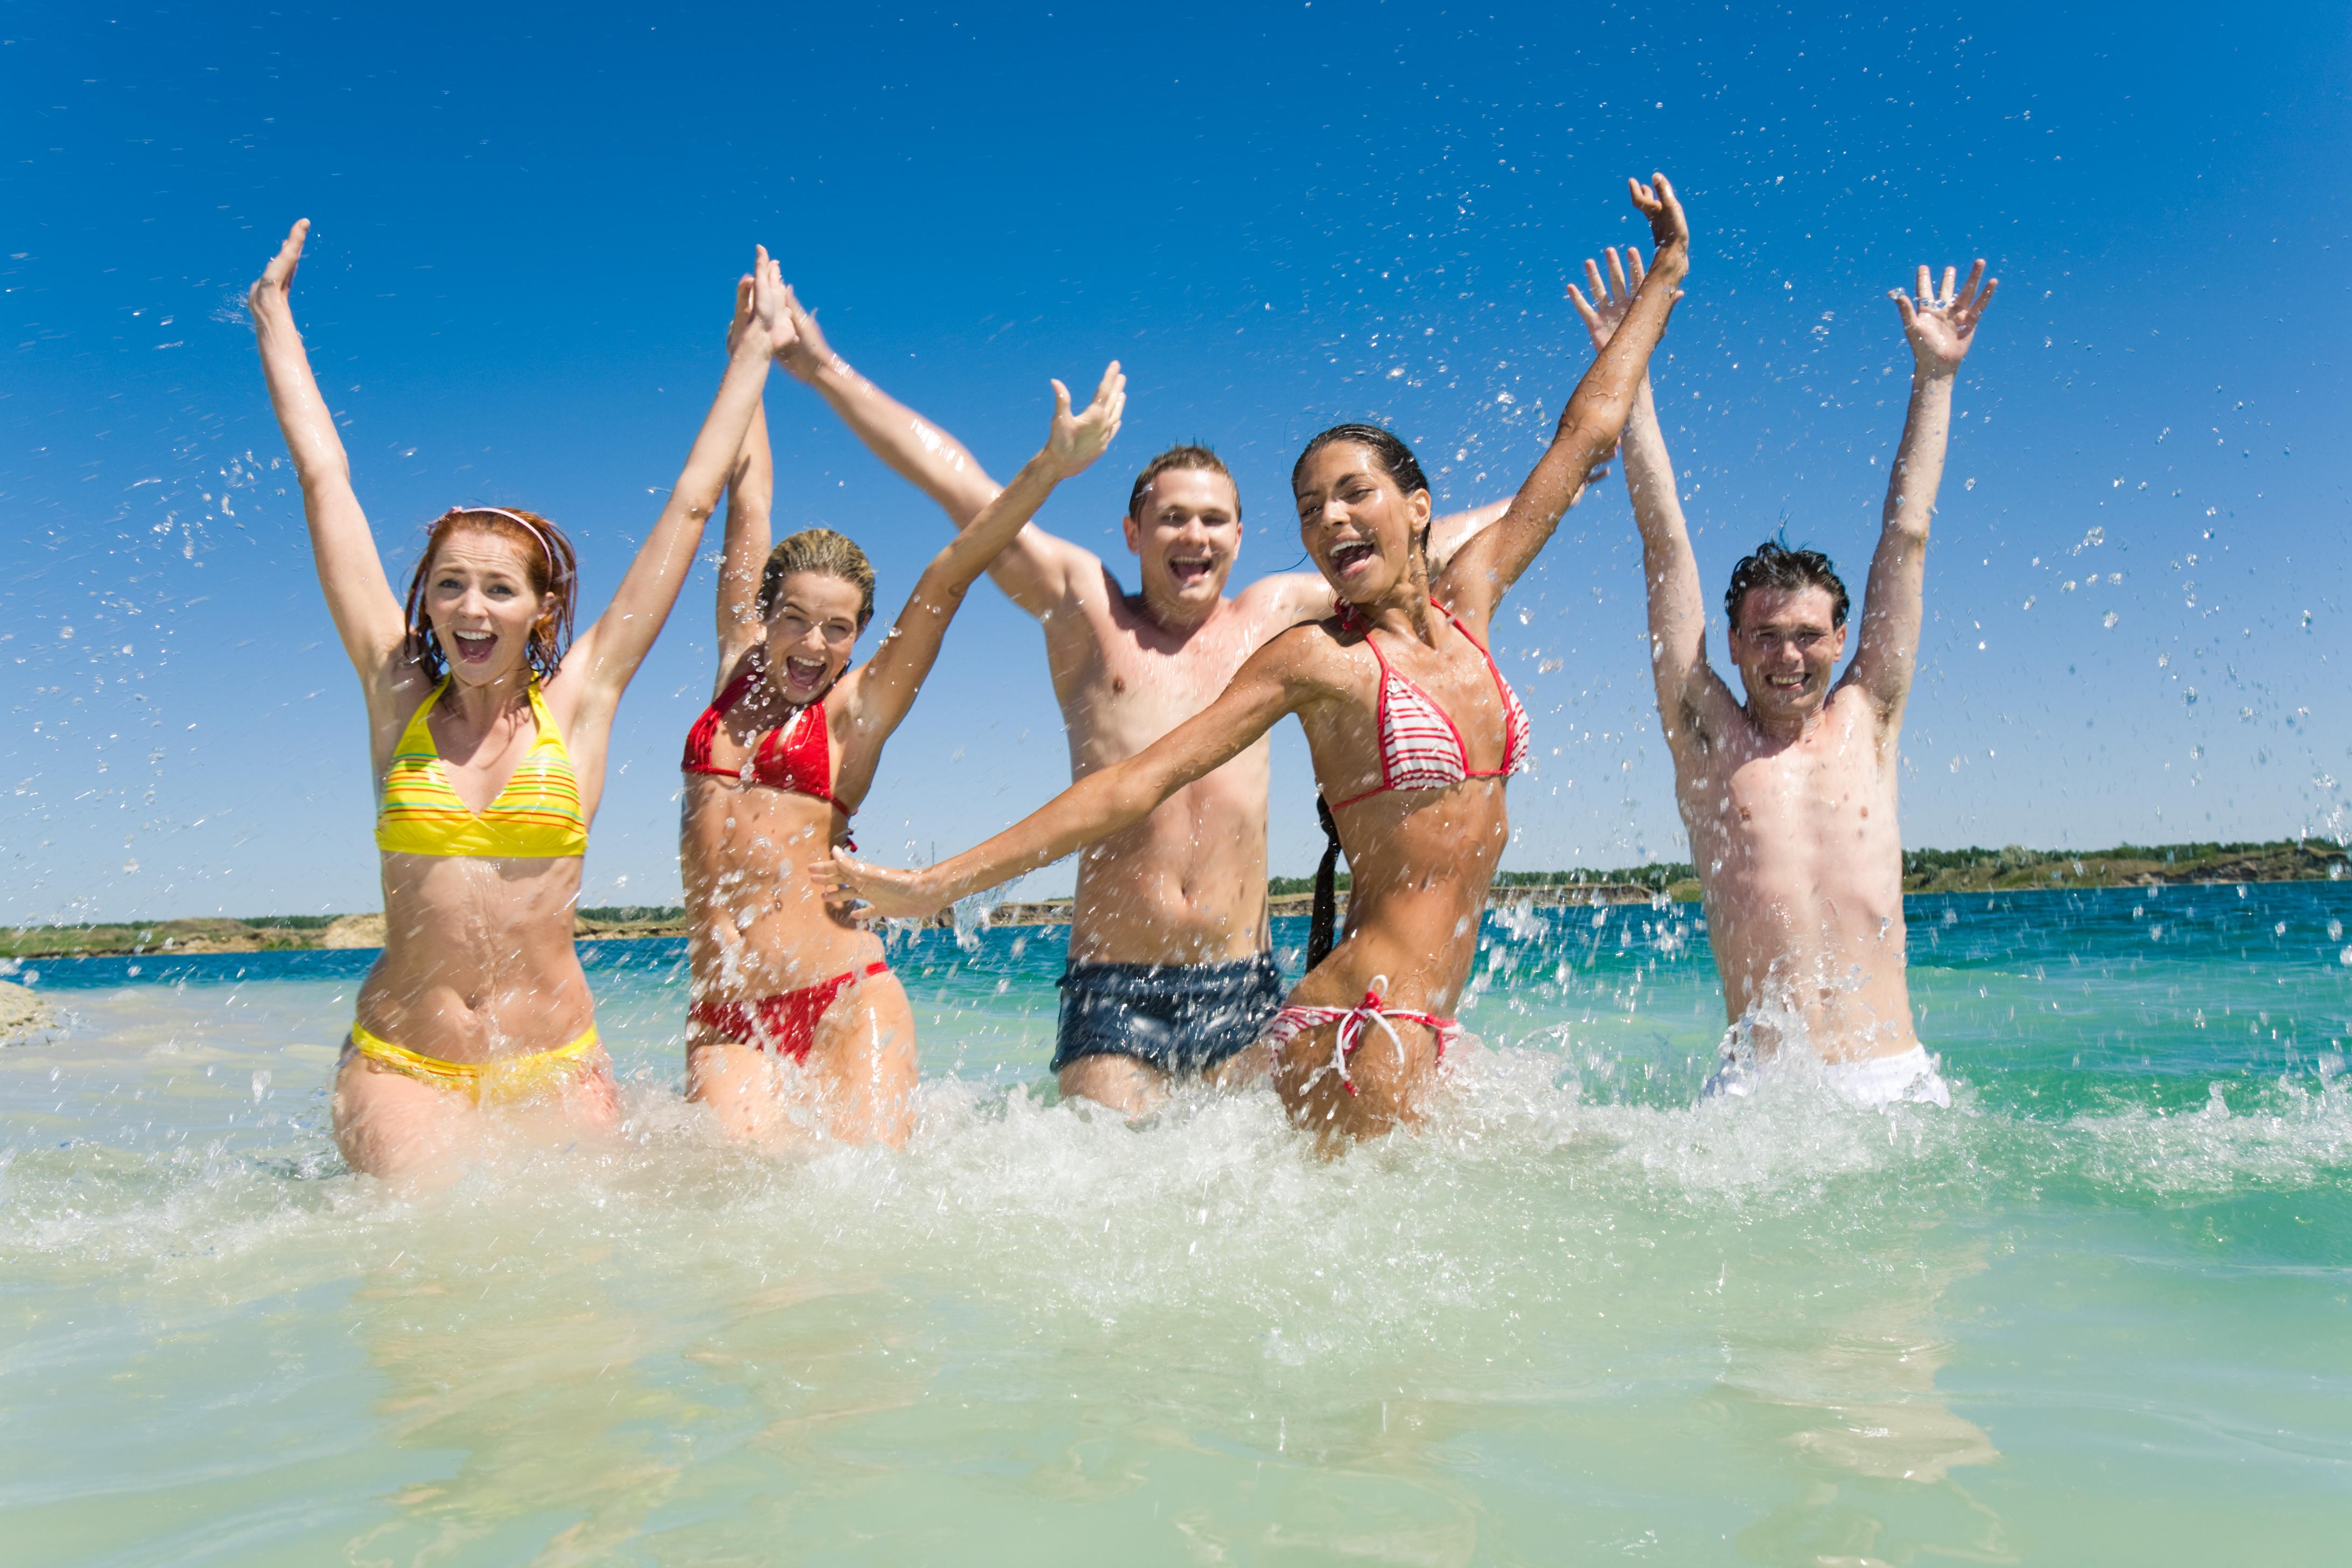 海水浴を楽しむグループ